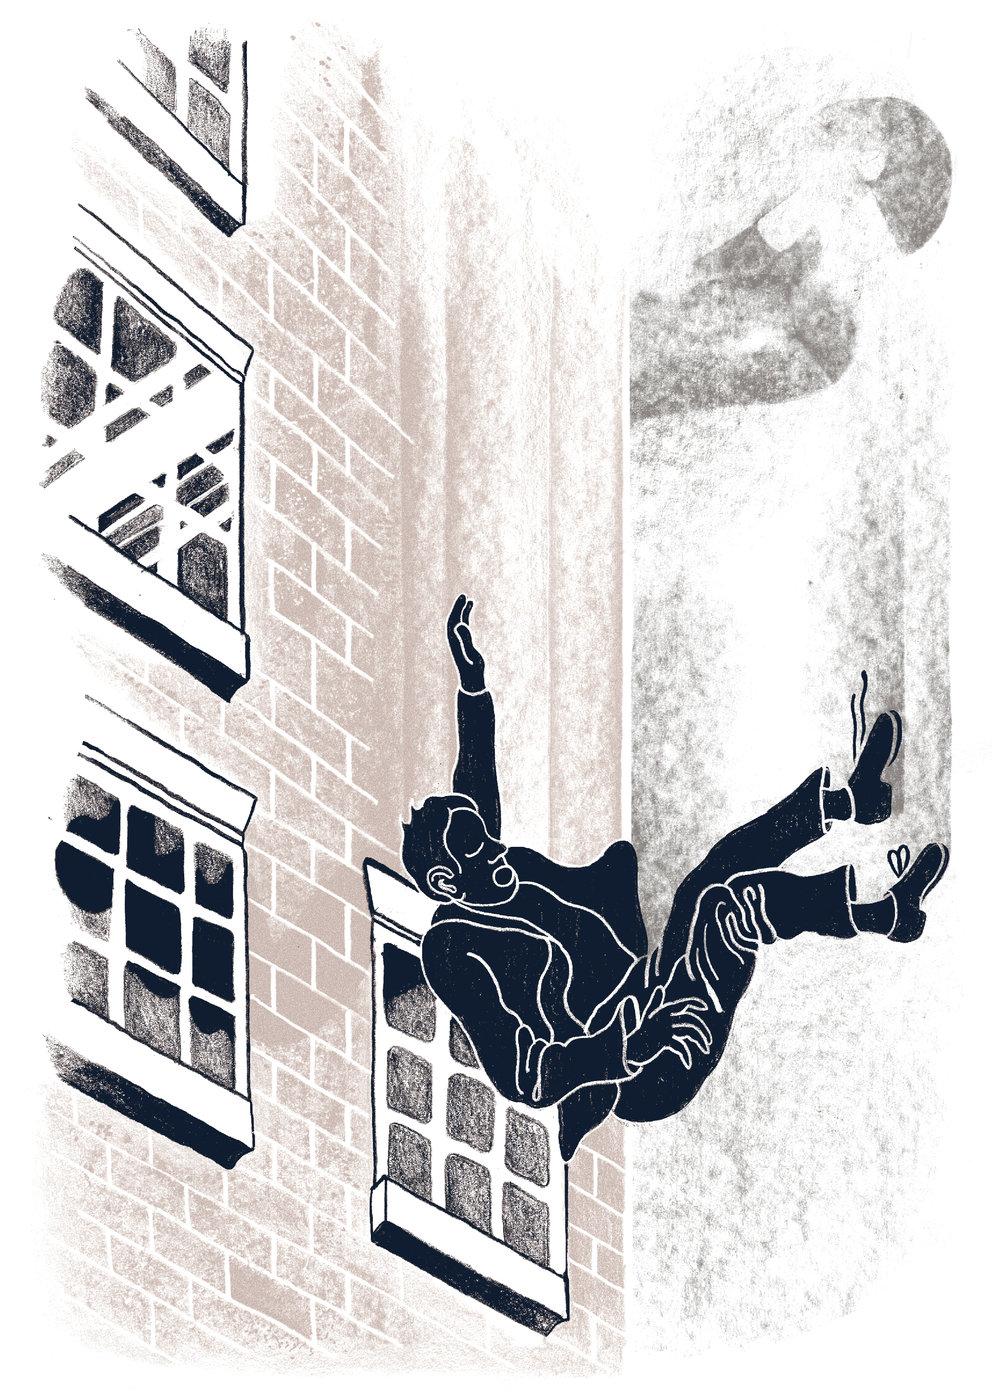 Vi-Flygtninge-Selvmord-skyskraber-Hannah-Arendt-print.jpg